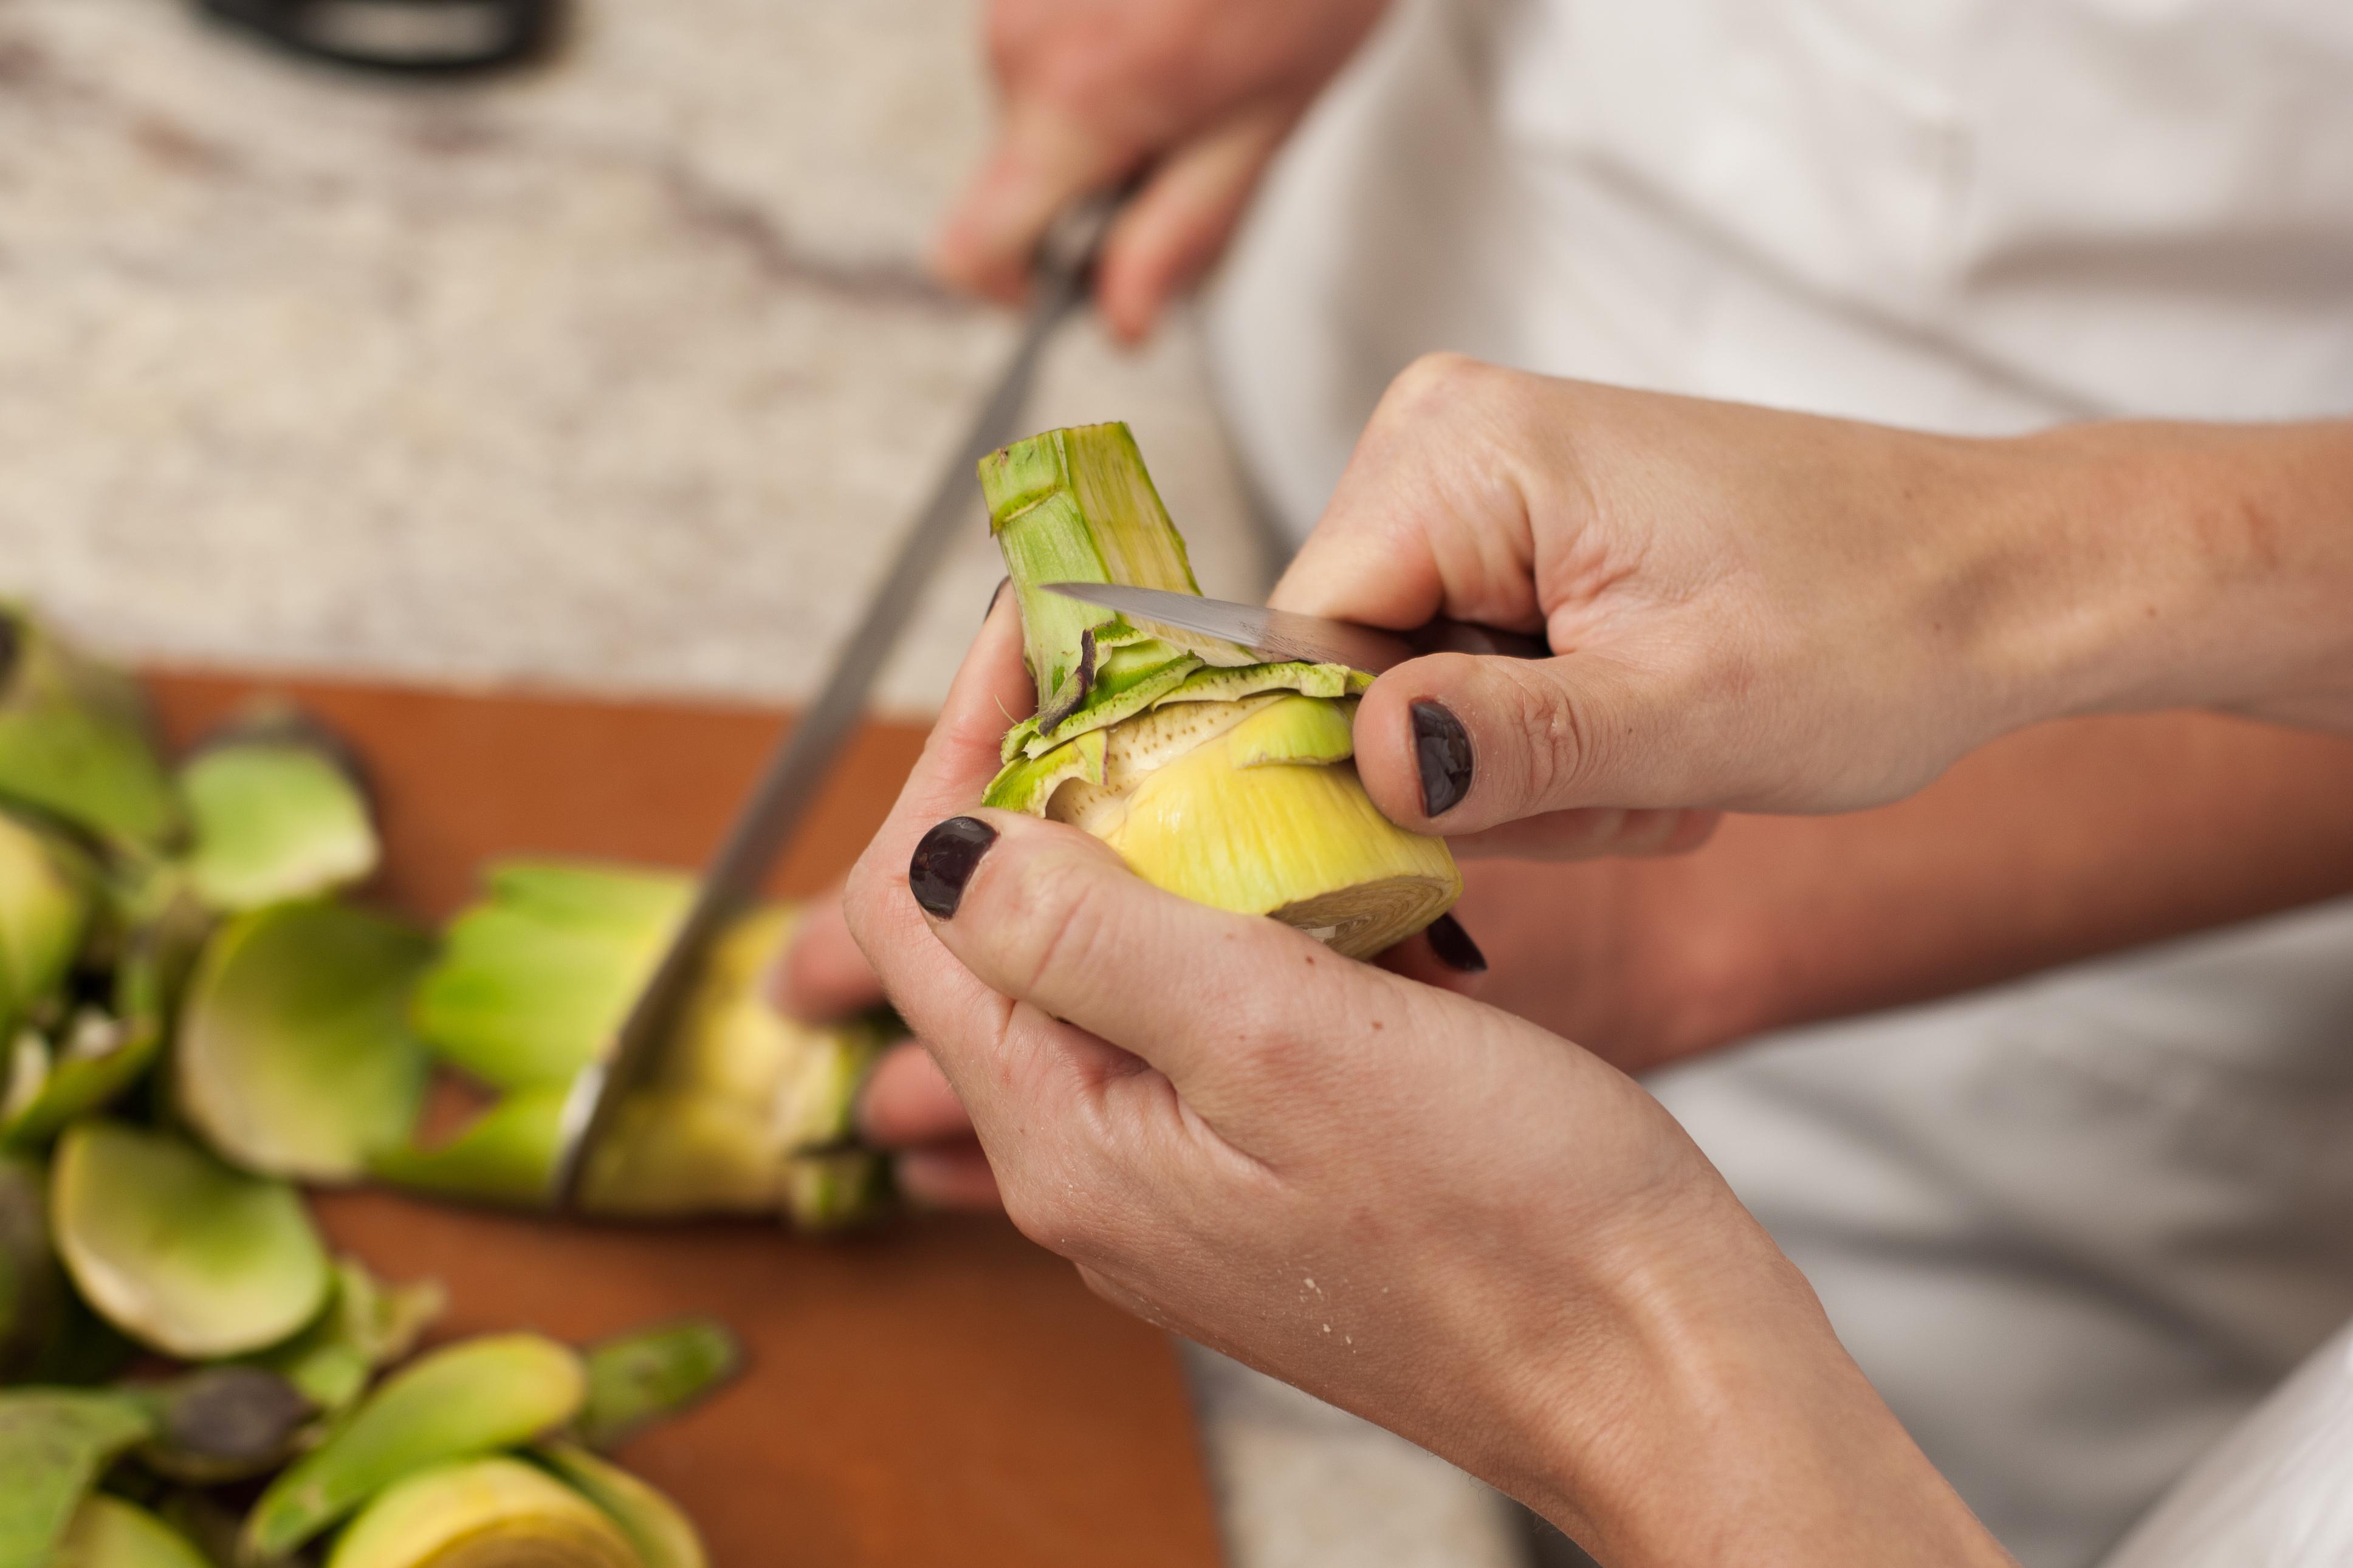 trim the stem of the artichoke